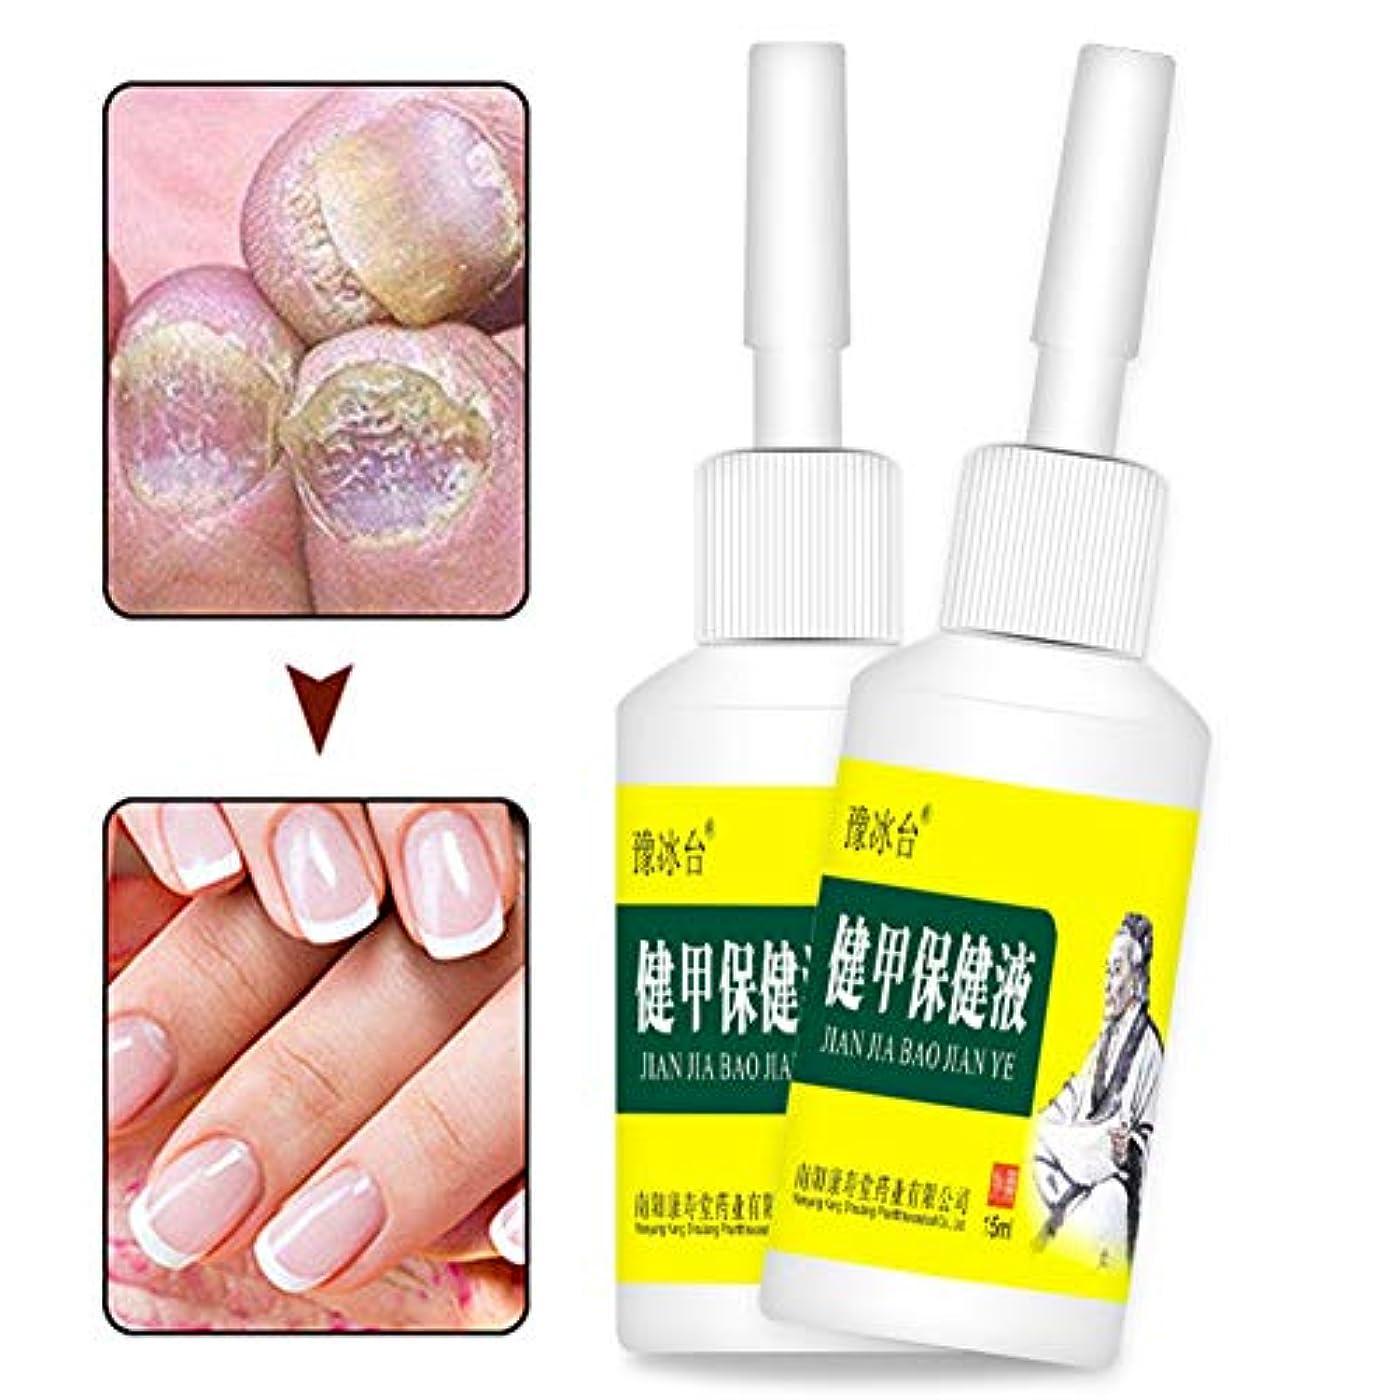 まっすぐにする斧焦げTerGOOSE 足爪用補修液 抗真菌 爪白癬の弱点を攻める 複合タイプ 爪用除菌ケア 灰指甲 爪真菌症 ネイル抗真菌治療 足爪の変色 白癬 変形 質感などでお困りの方に 3点セット